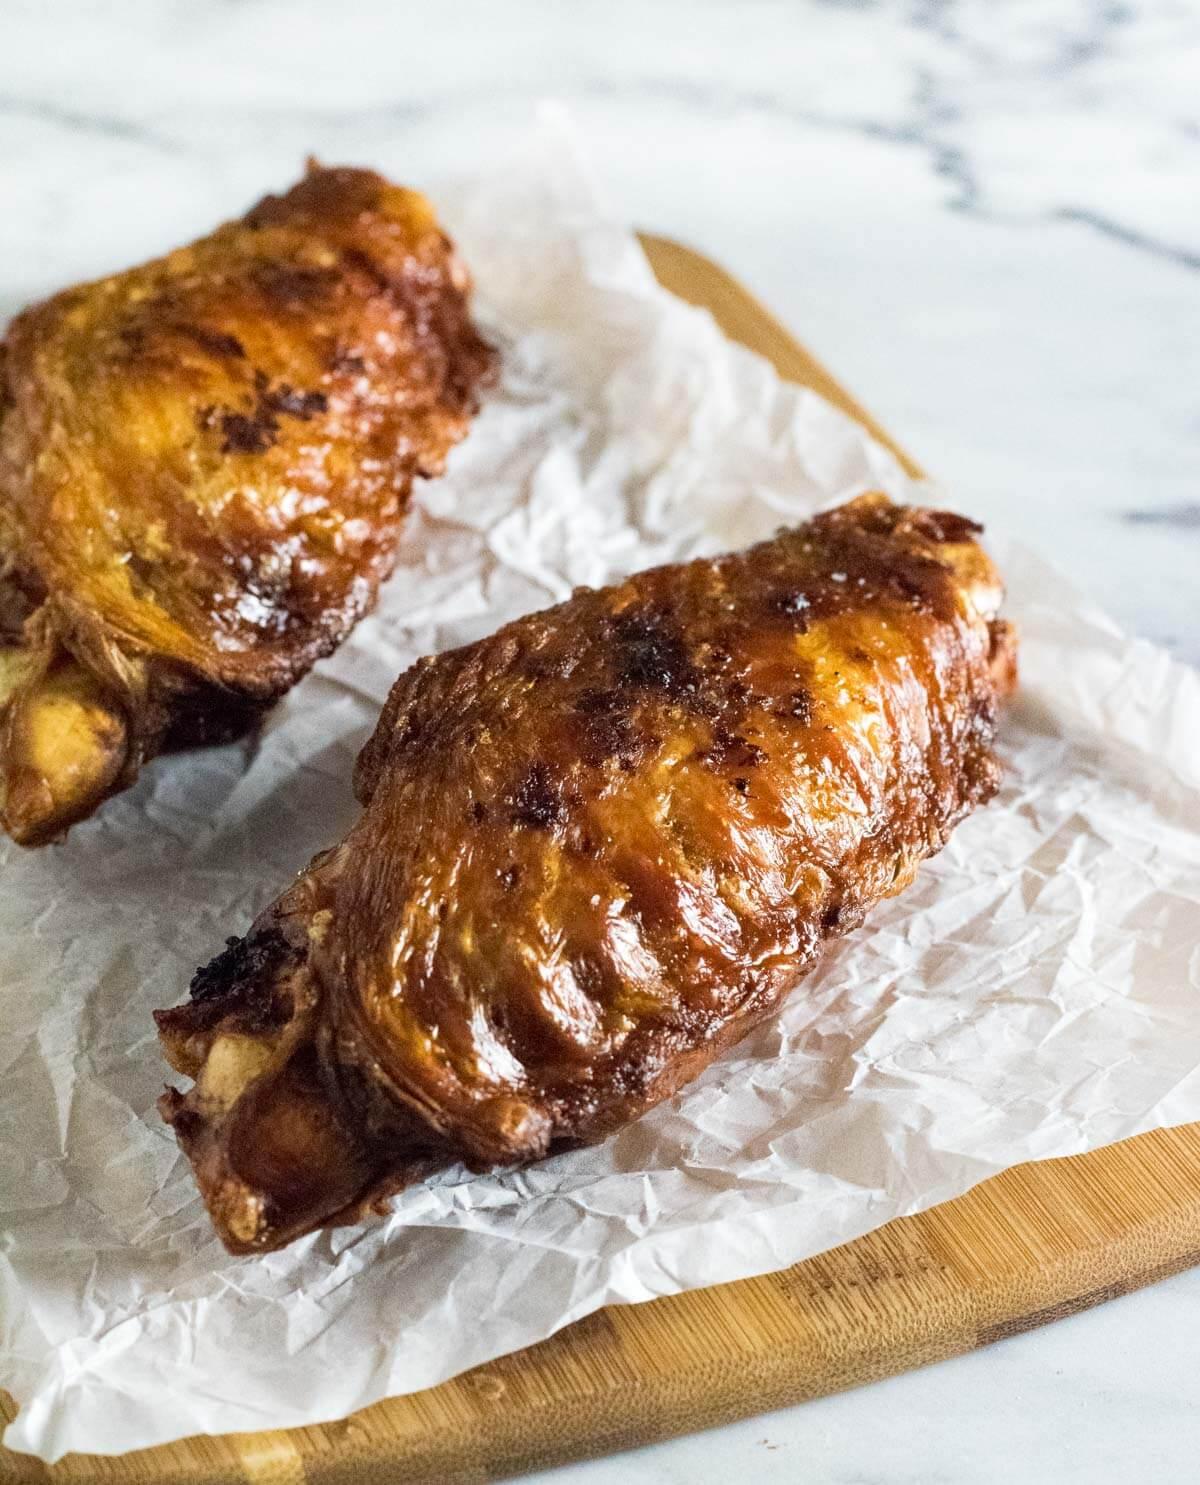 Deep fried turkey wings on wax paper.